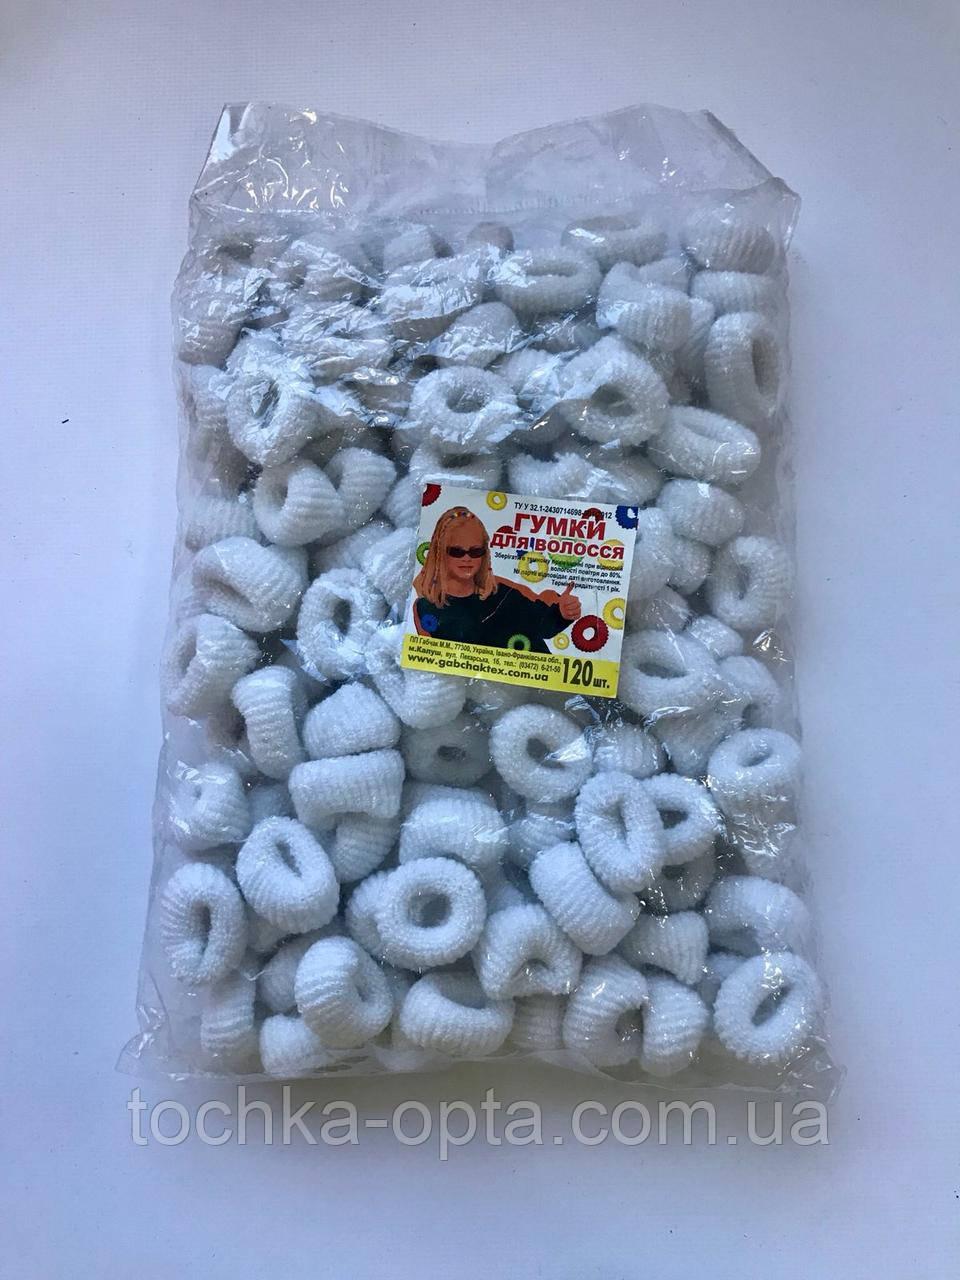 Резинки  махра белые 120 штук